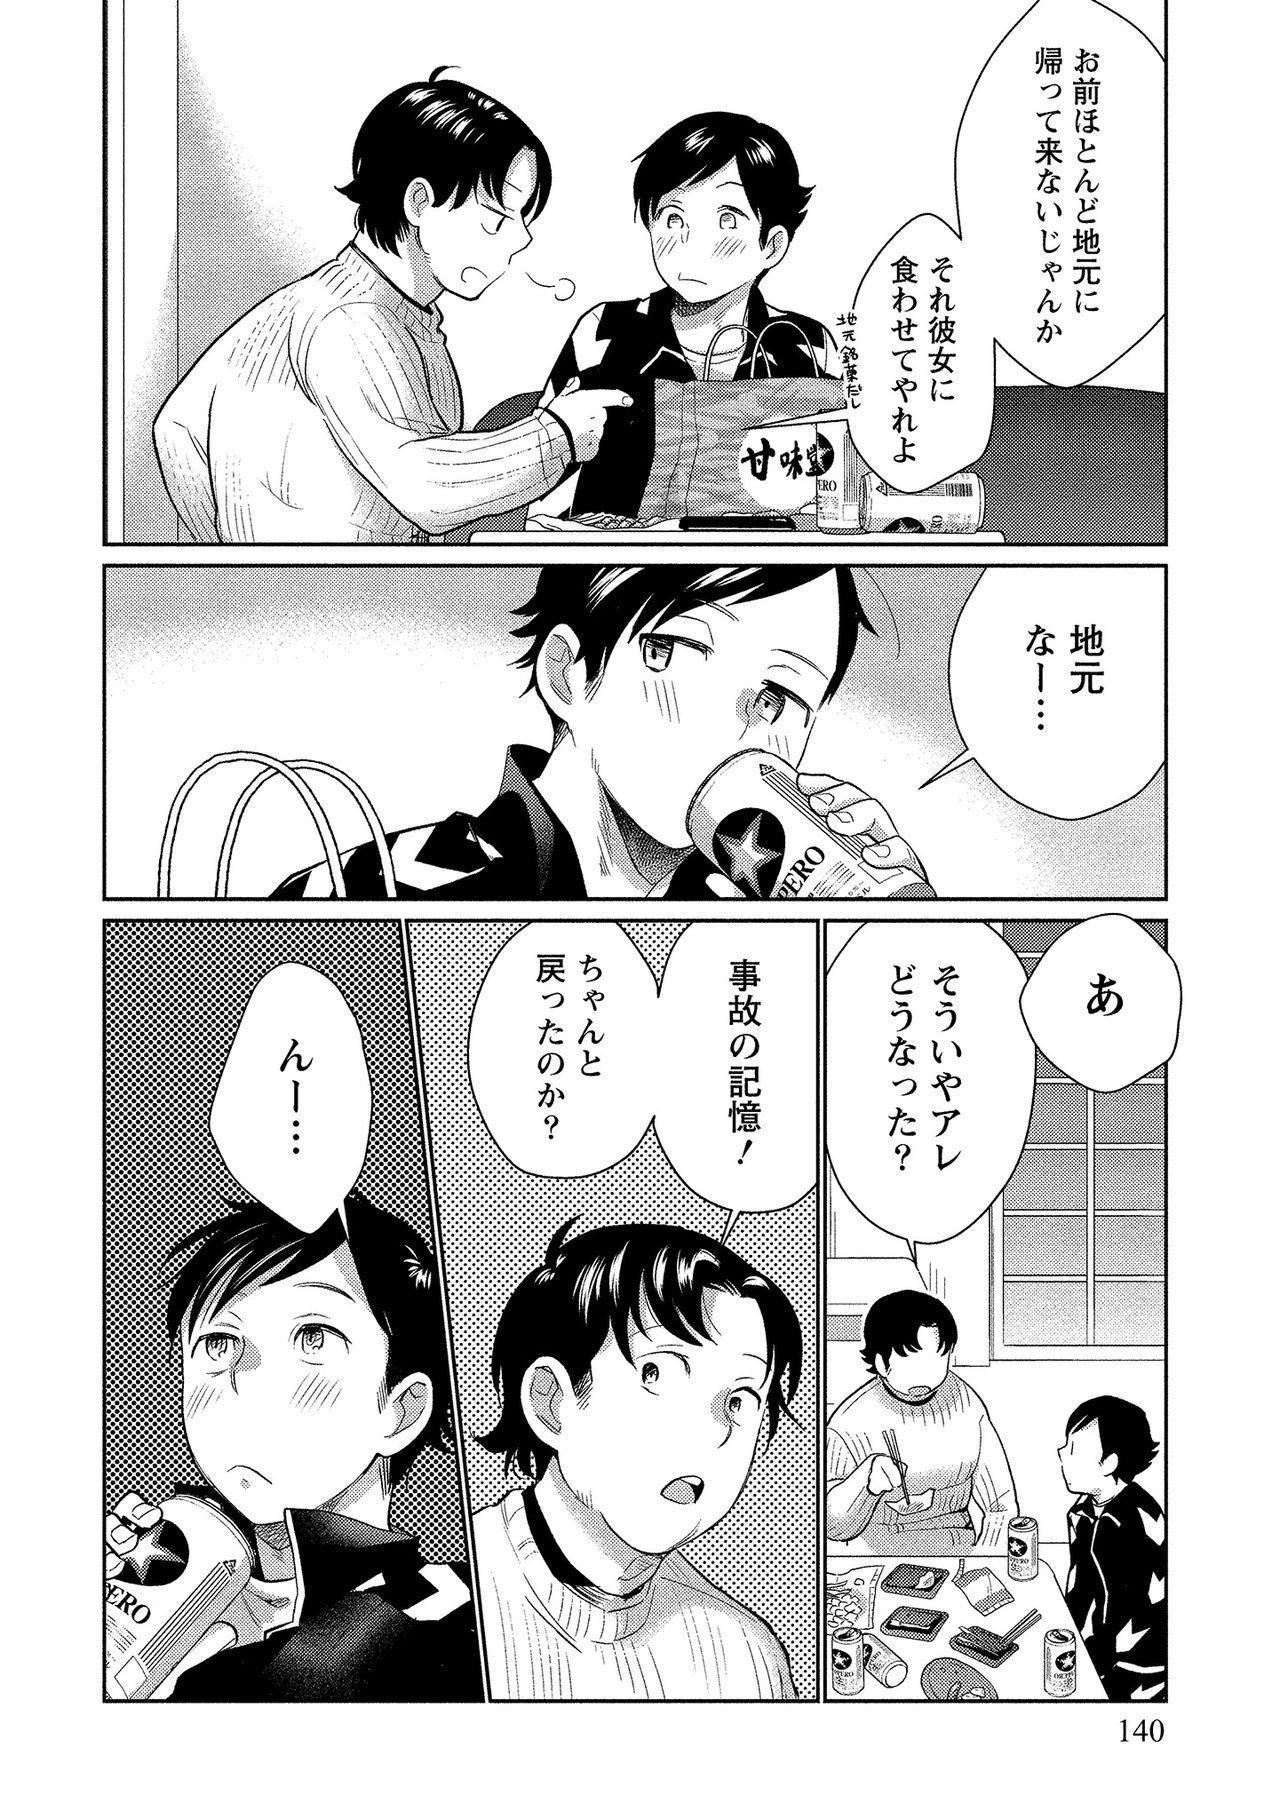 Dorobou Neko wa Kanojo no Hajimari 140